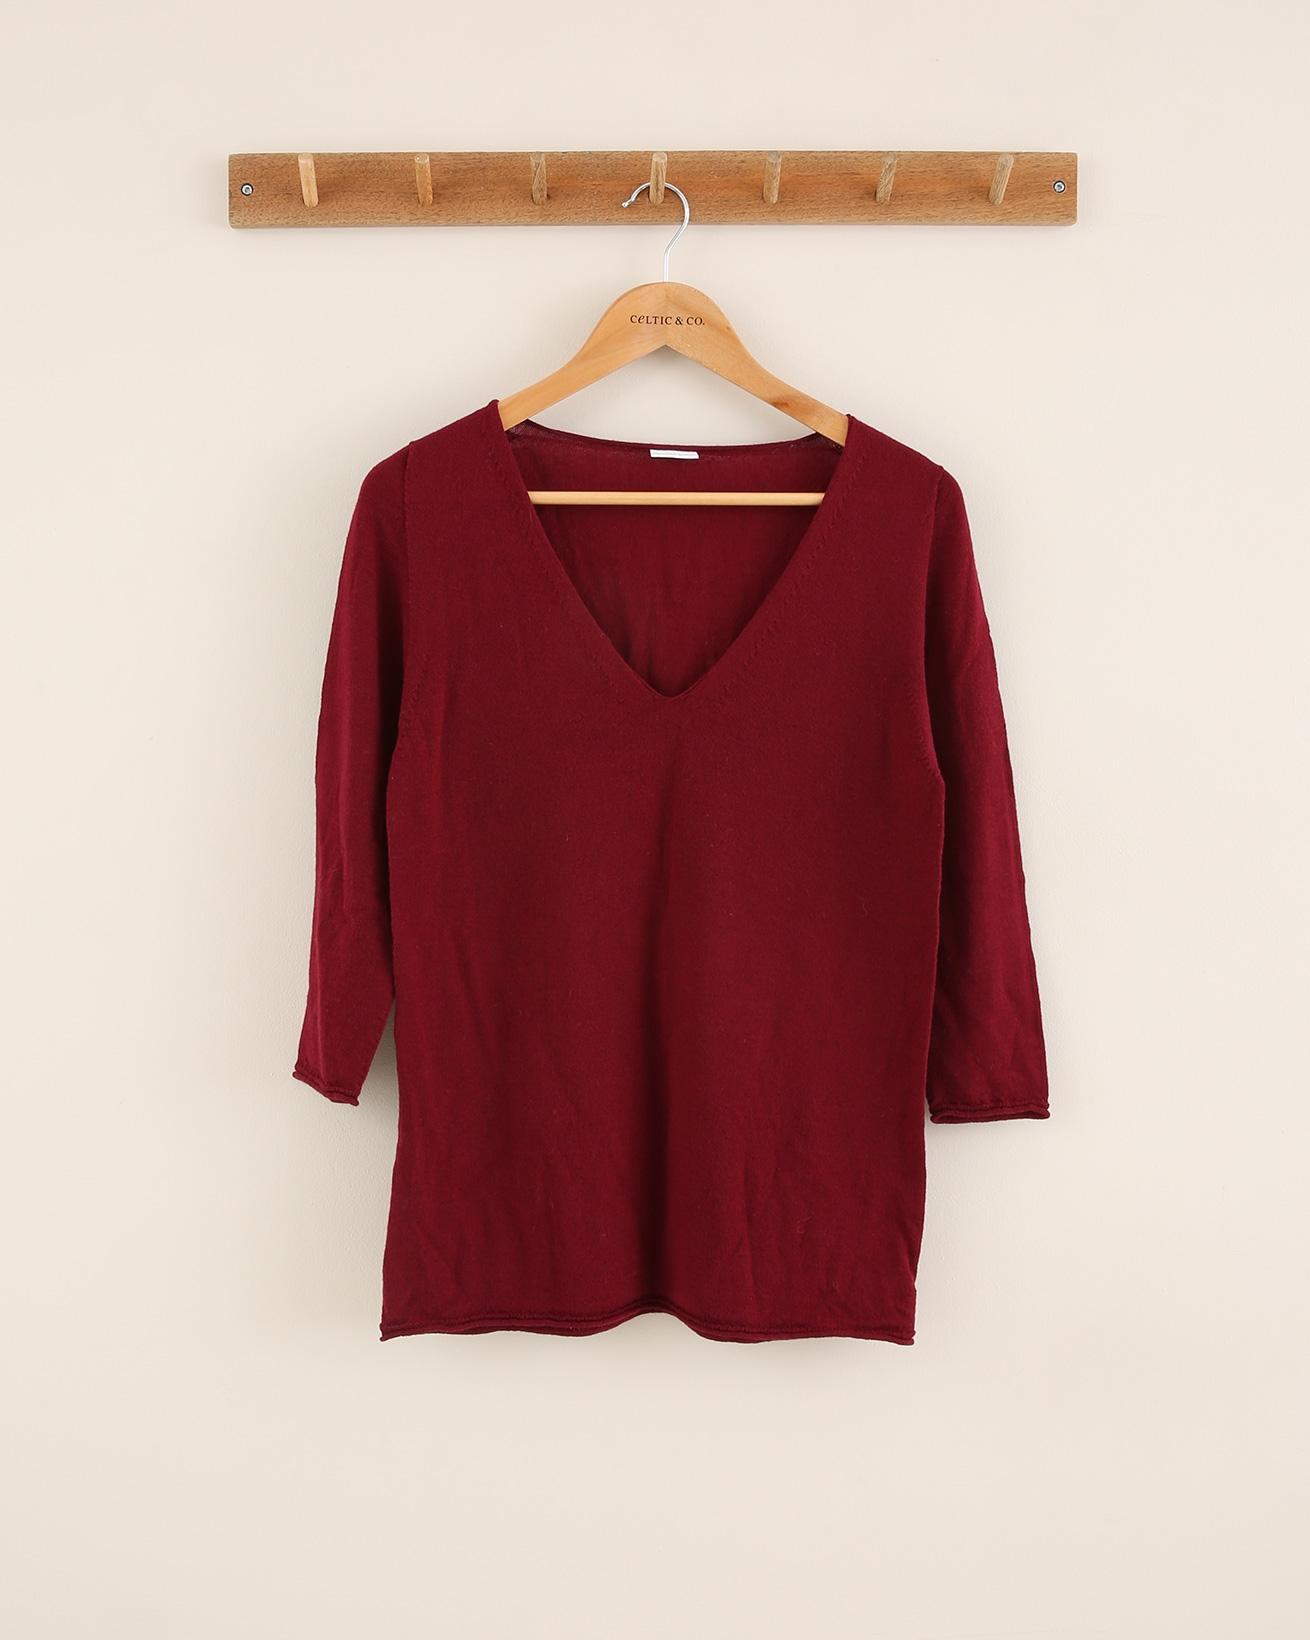 Fine Knit Merino Vee Neck - Size Small - Claret - 1793